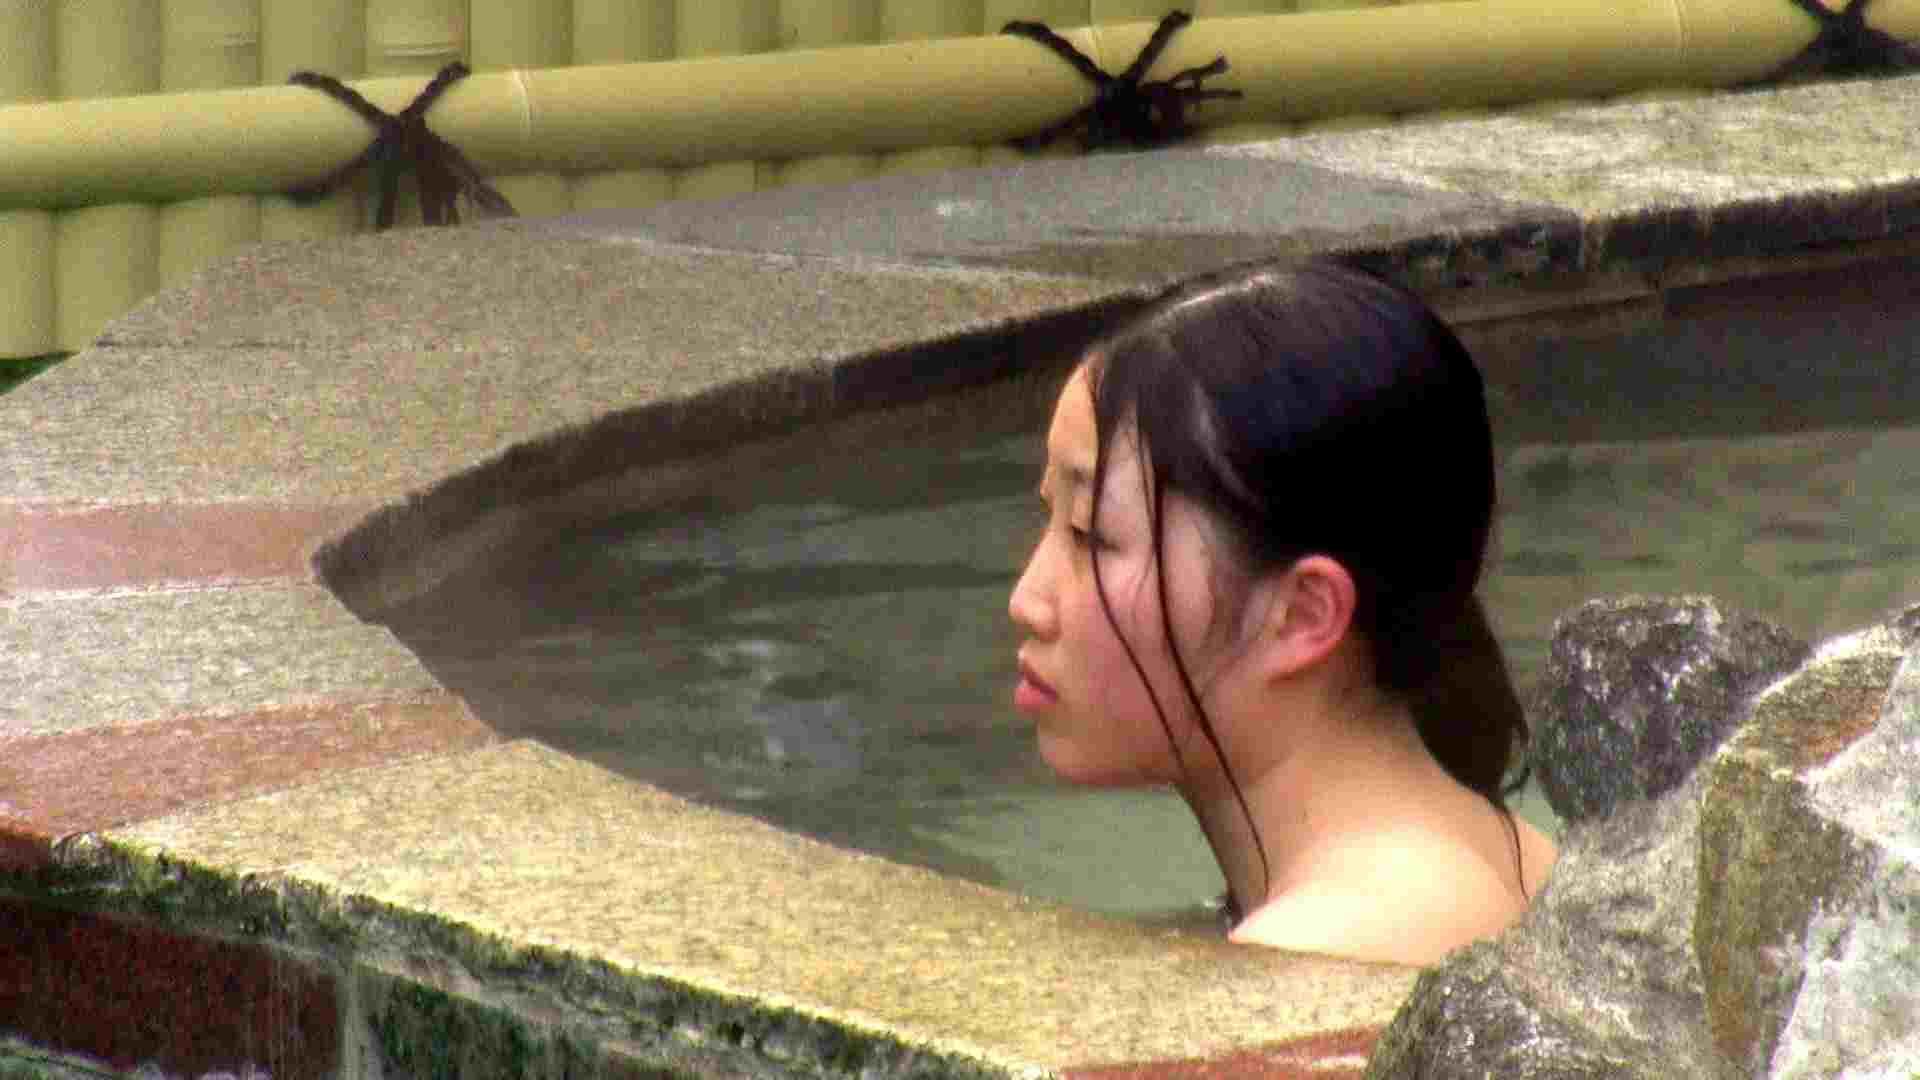 Aquaな露天風呂Vol.218 綺麗なOLたち | 盗撮  75枚 49